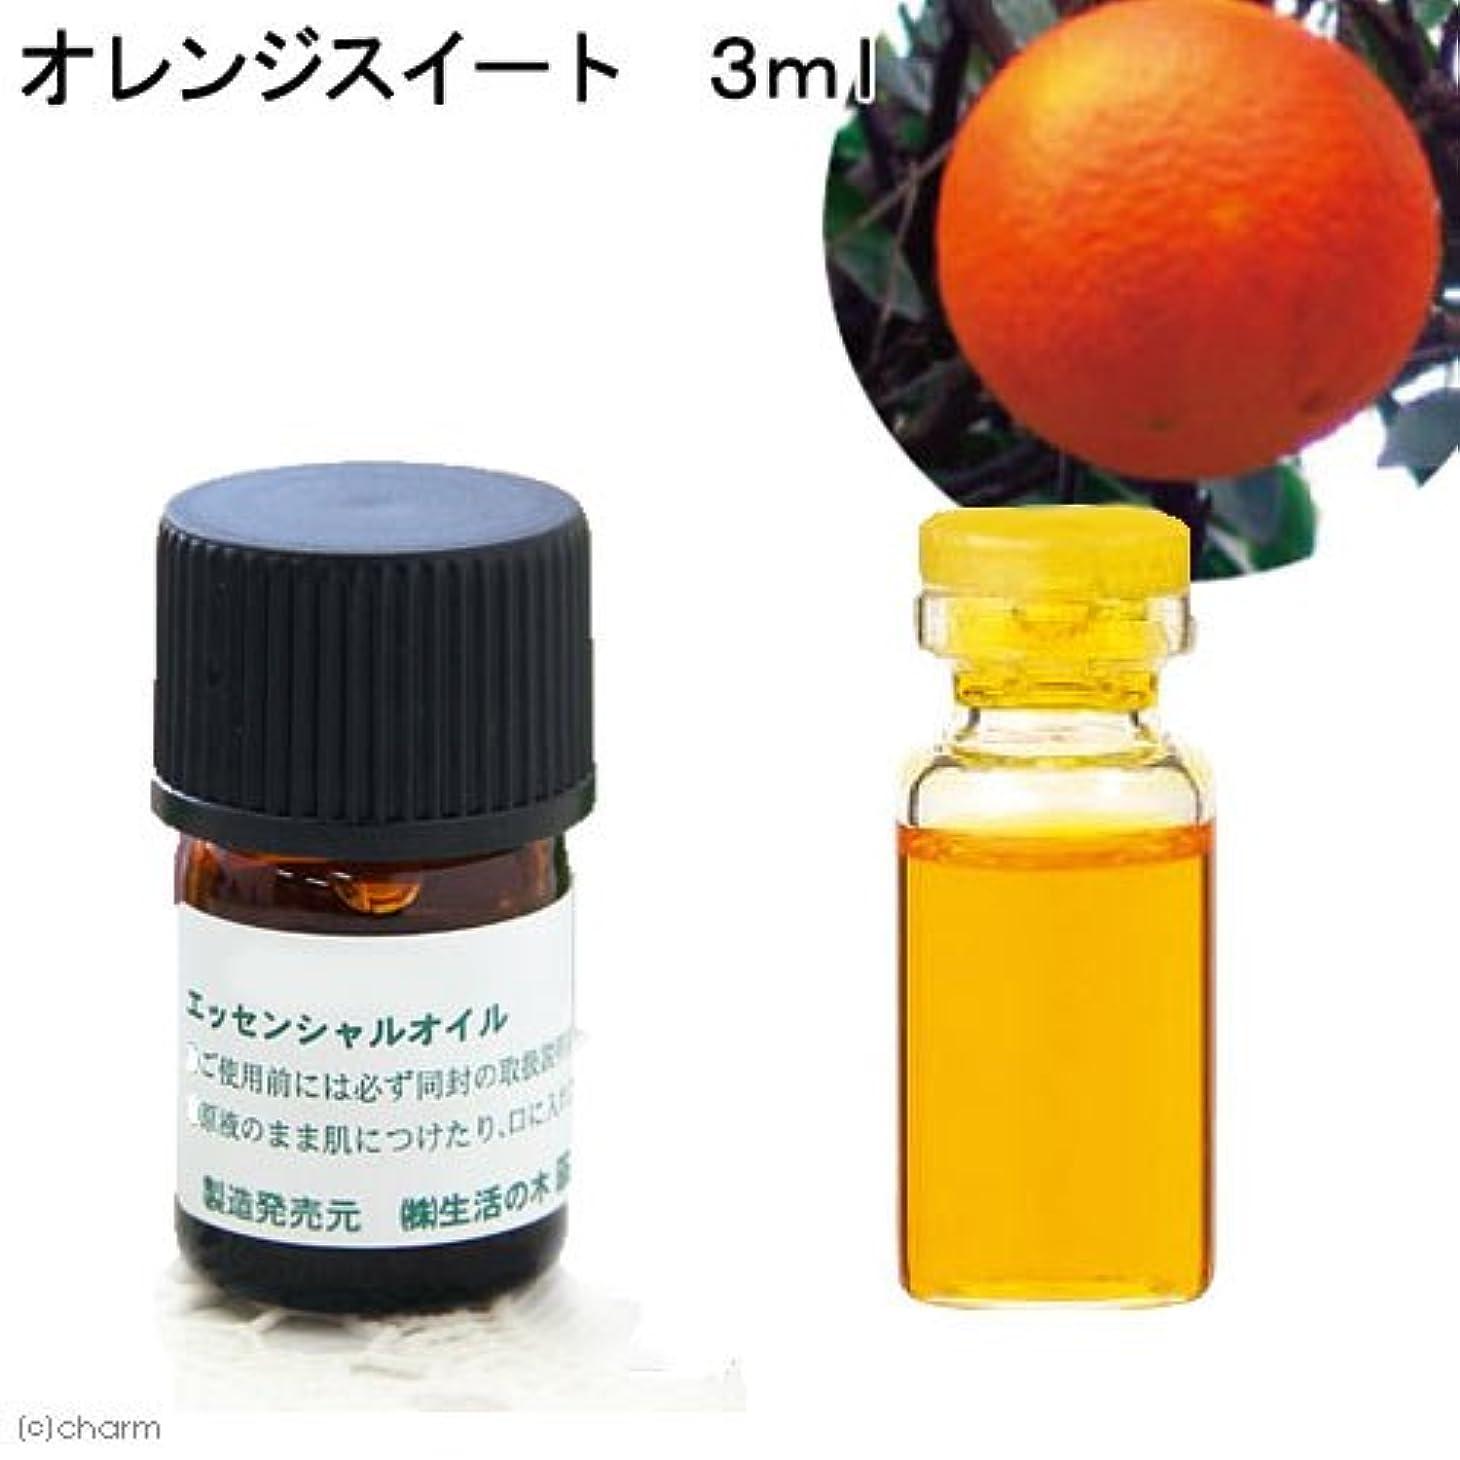 直感ネックレス接地生活の木 オレンジスイート 3ml